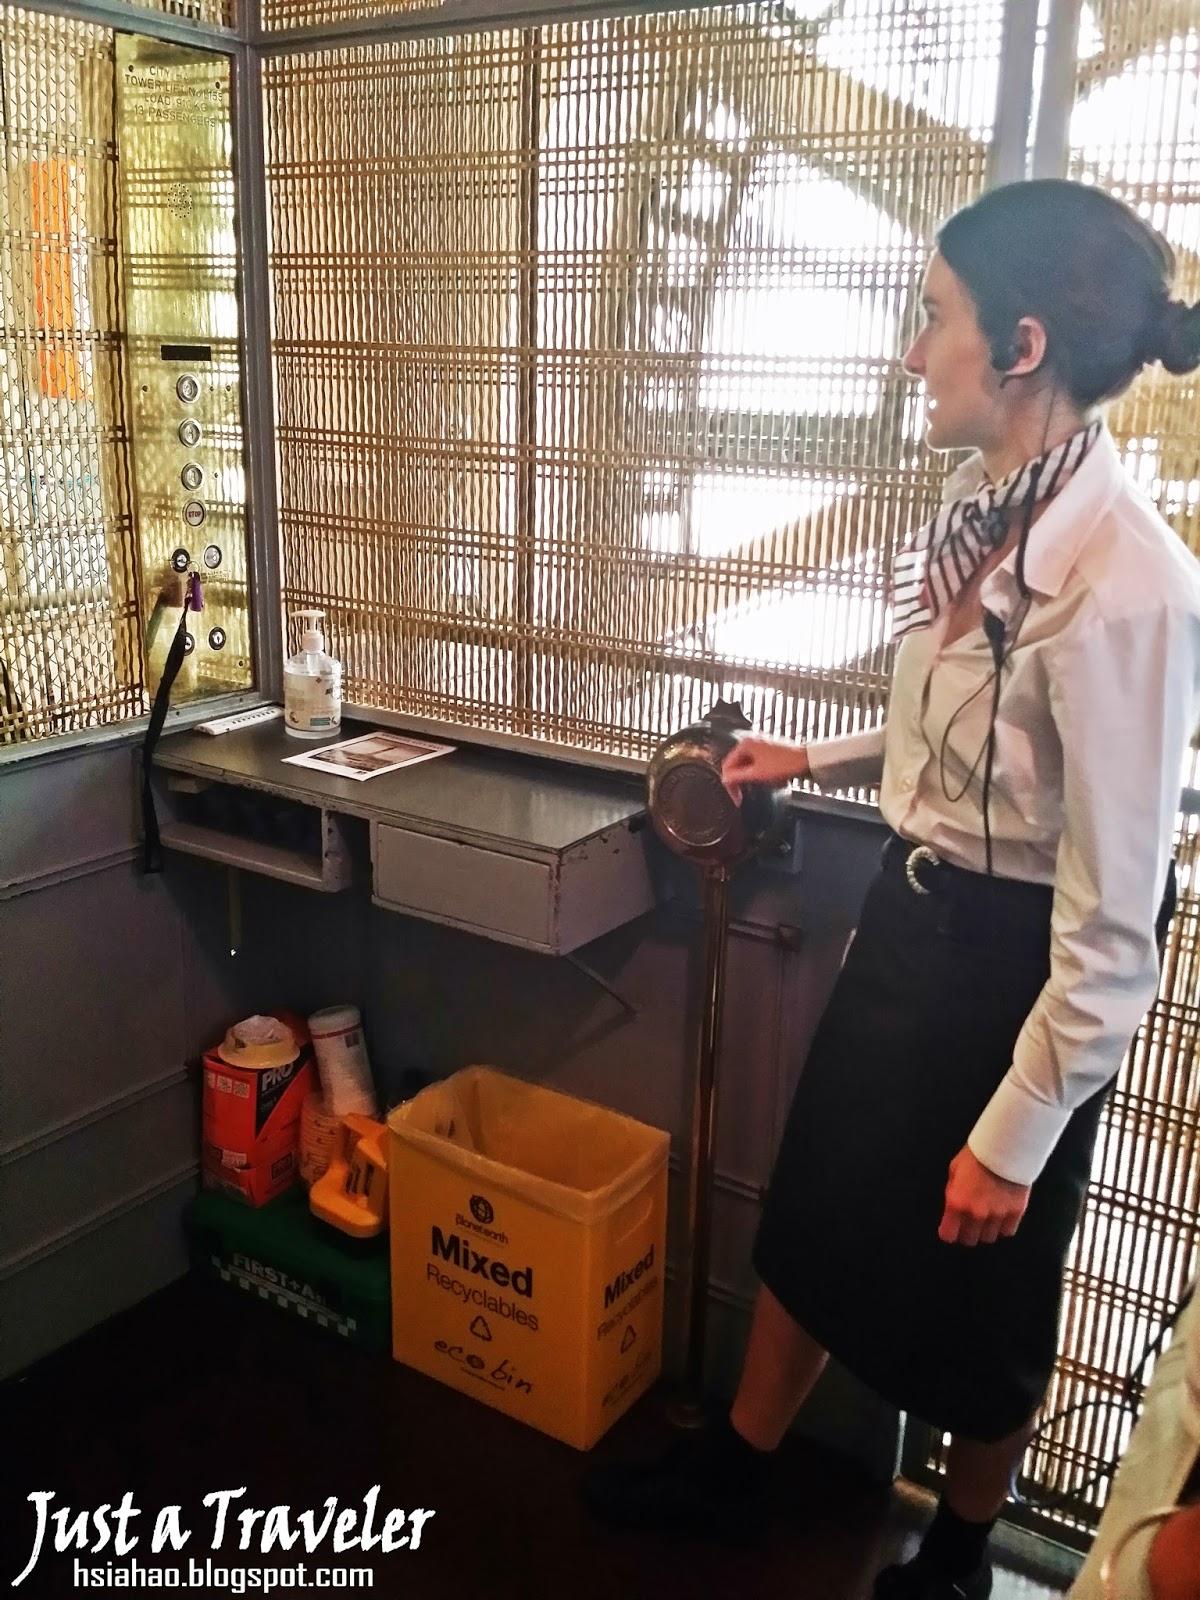 布里斯本-市區-景點-布里斯本市政廳-鐘塔電梯-布里斯本博物館-遊記-行程-介紹-Brisbane City Hall-Museum-布里斯班